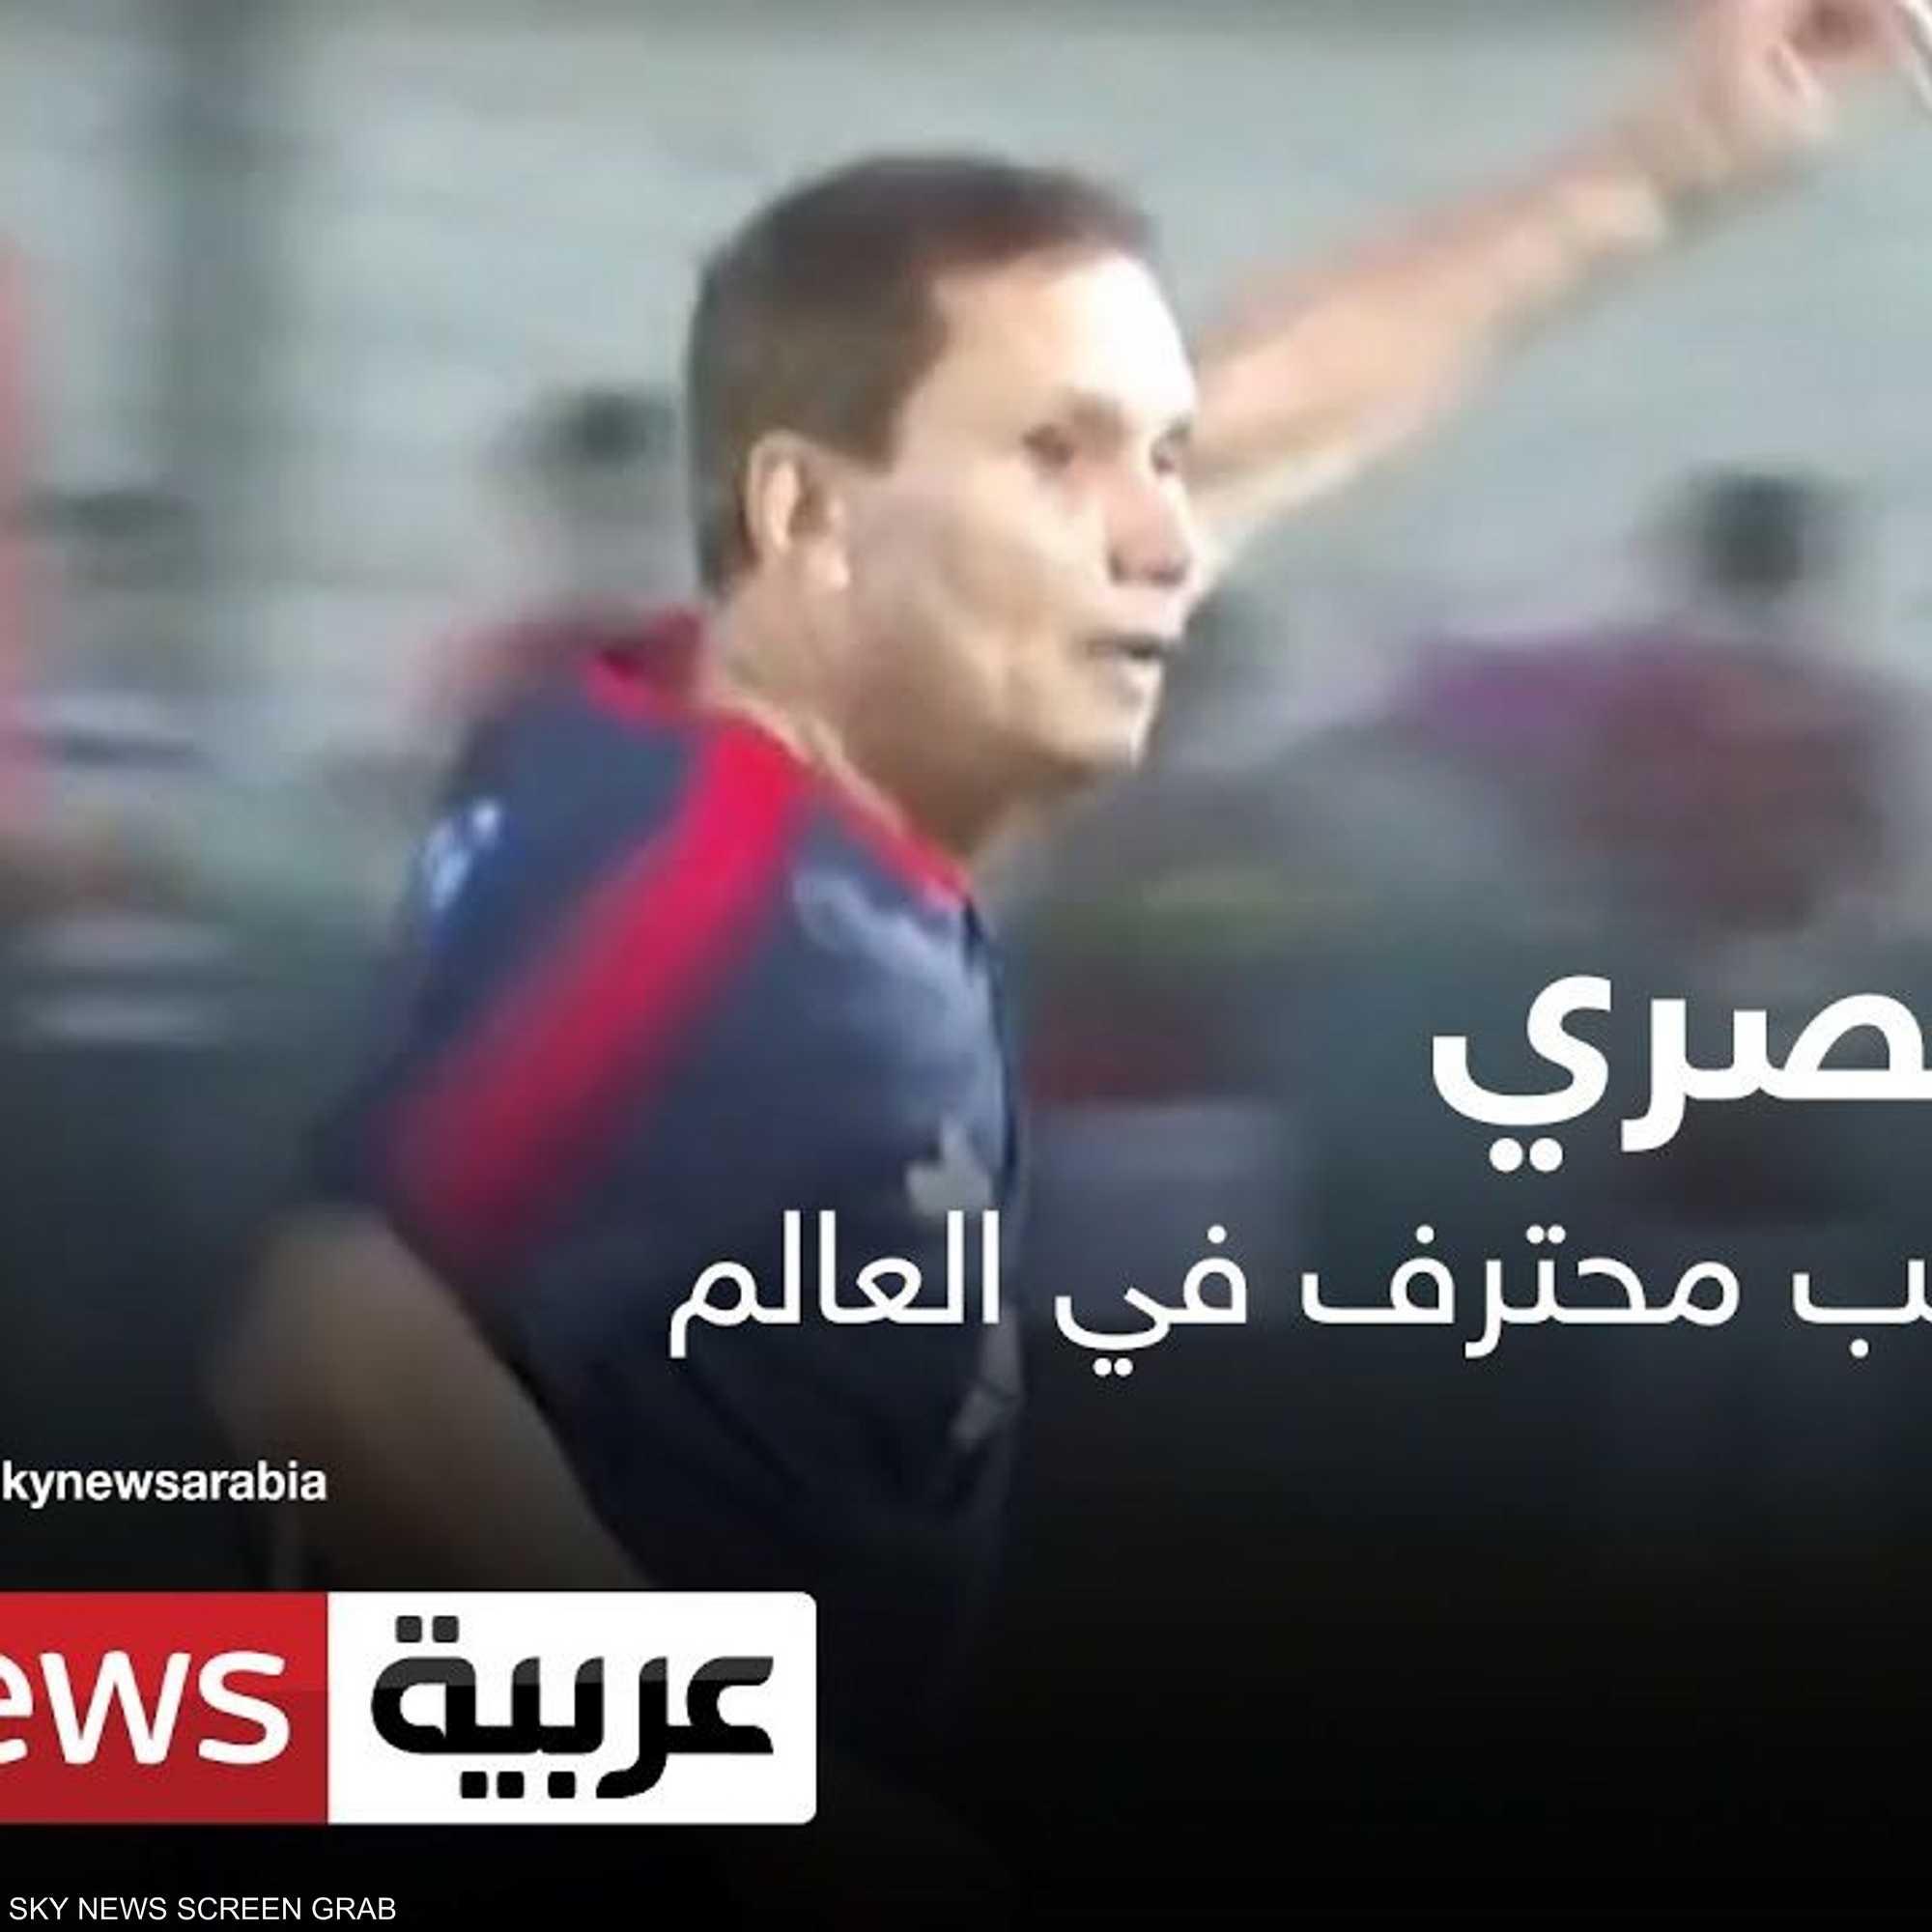 جد مصري أكبر لاعب محترف في العالم